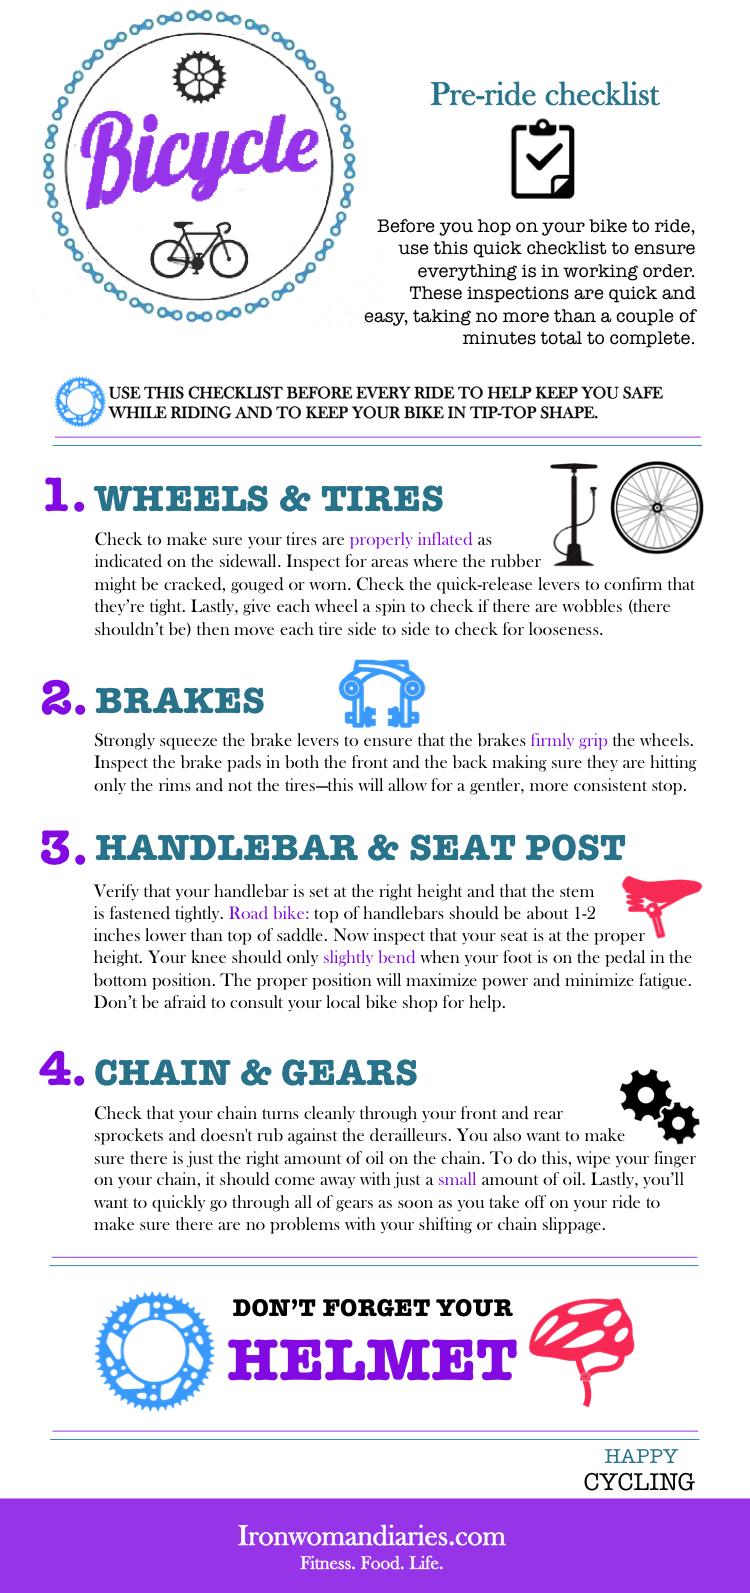 Bicycle: Pre-ride checklist